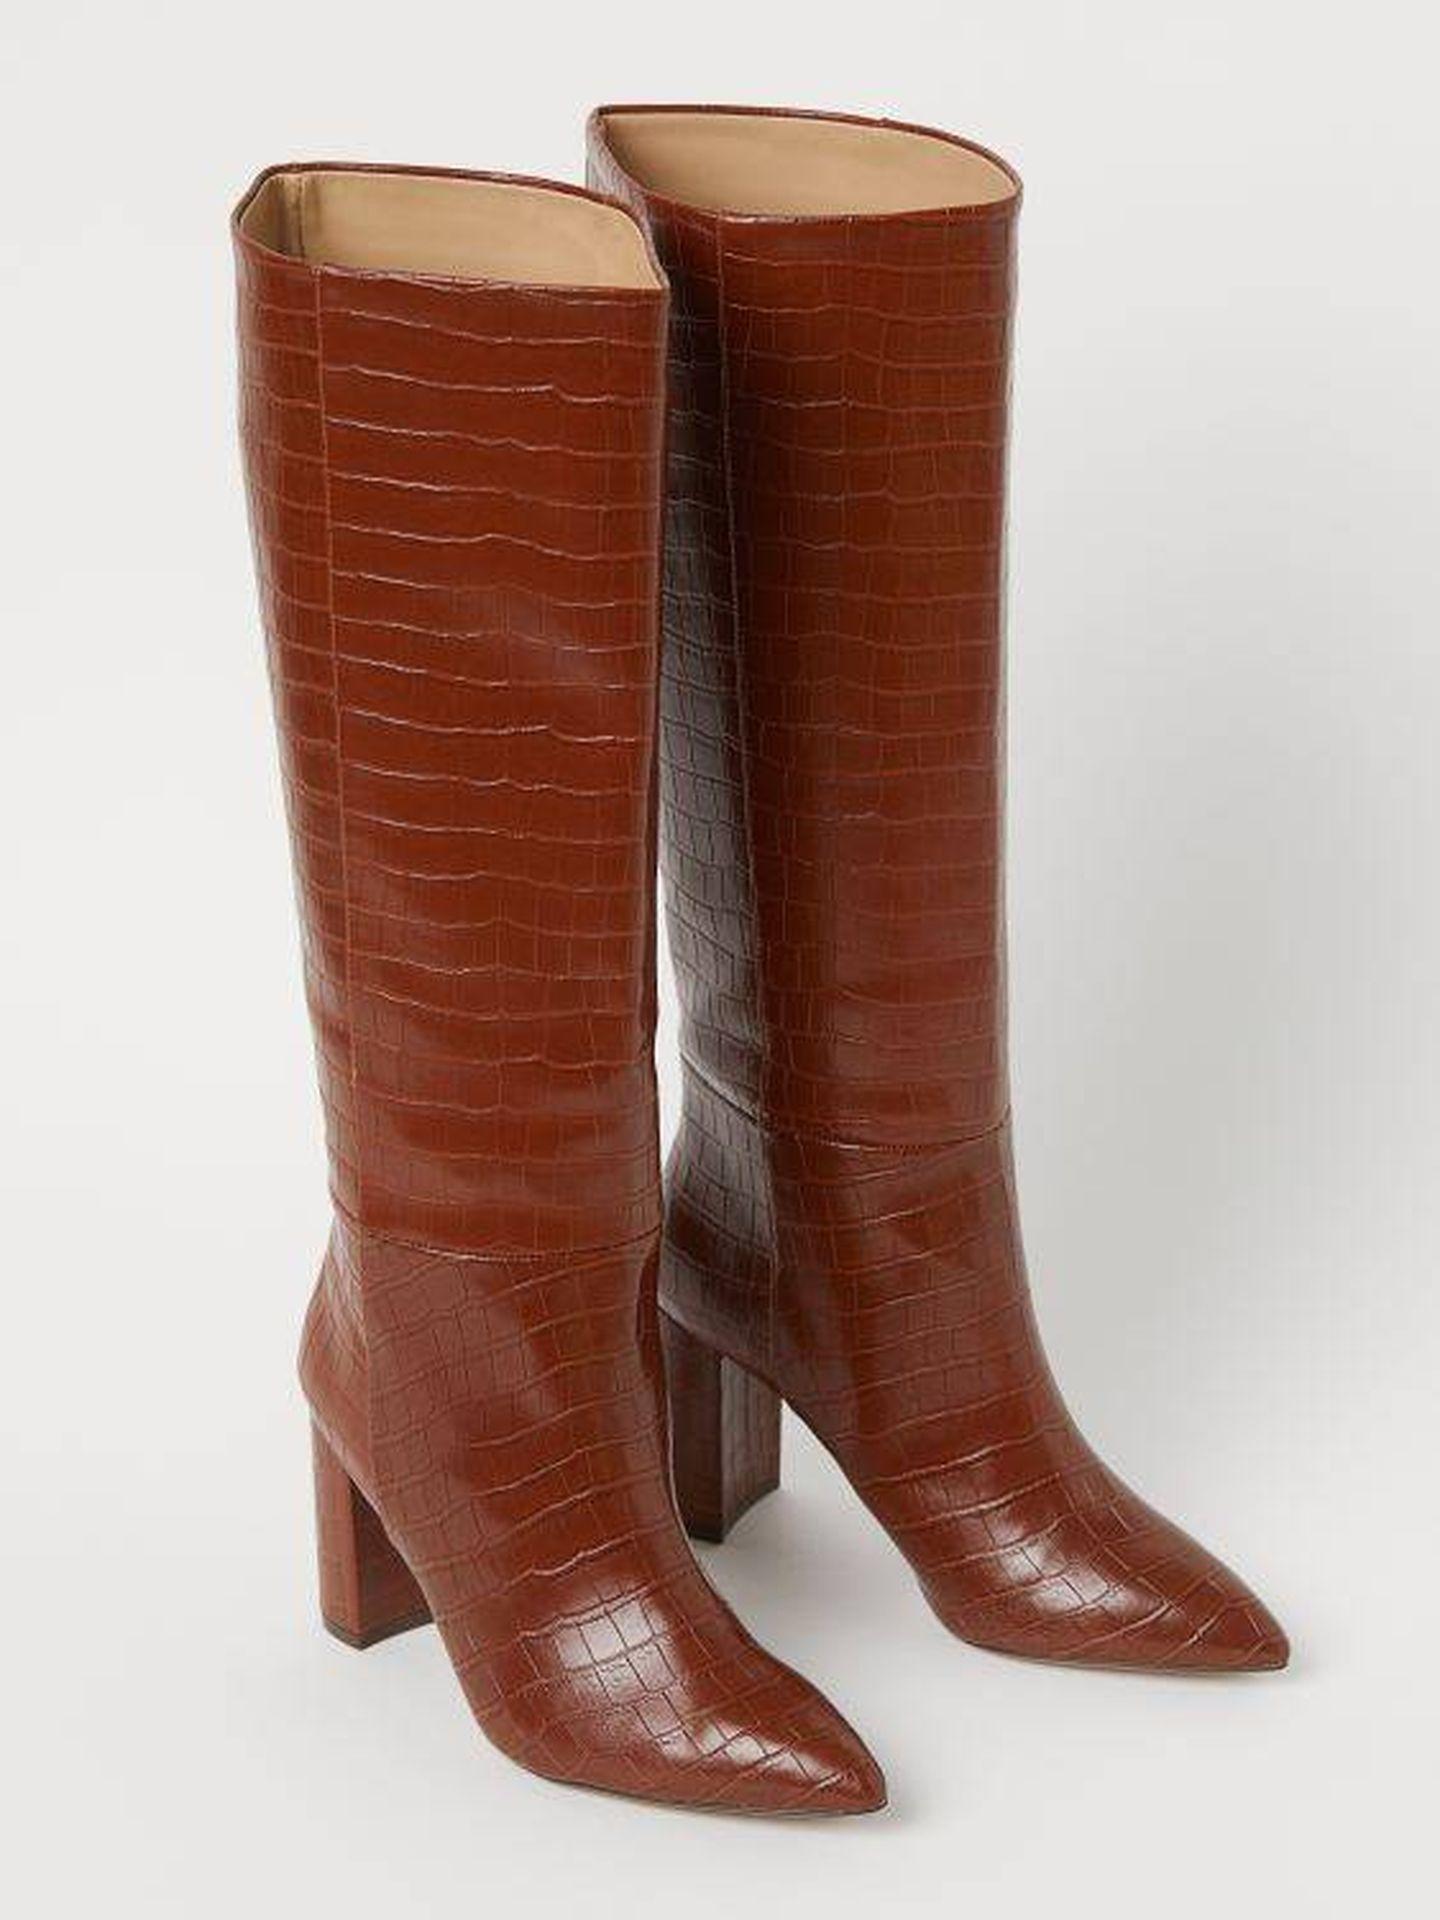 Las botas efecto coco de HyM en color marrón. (Cortesía)